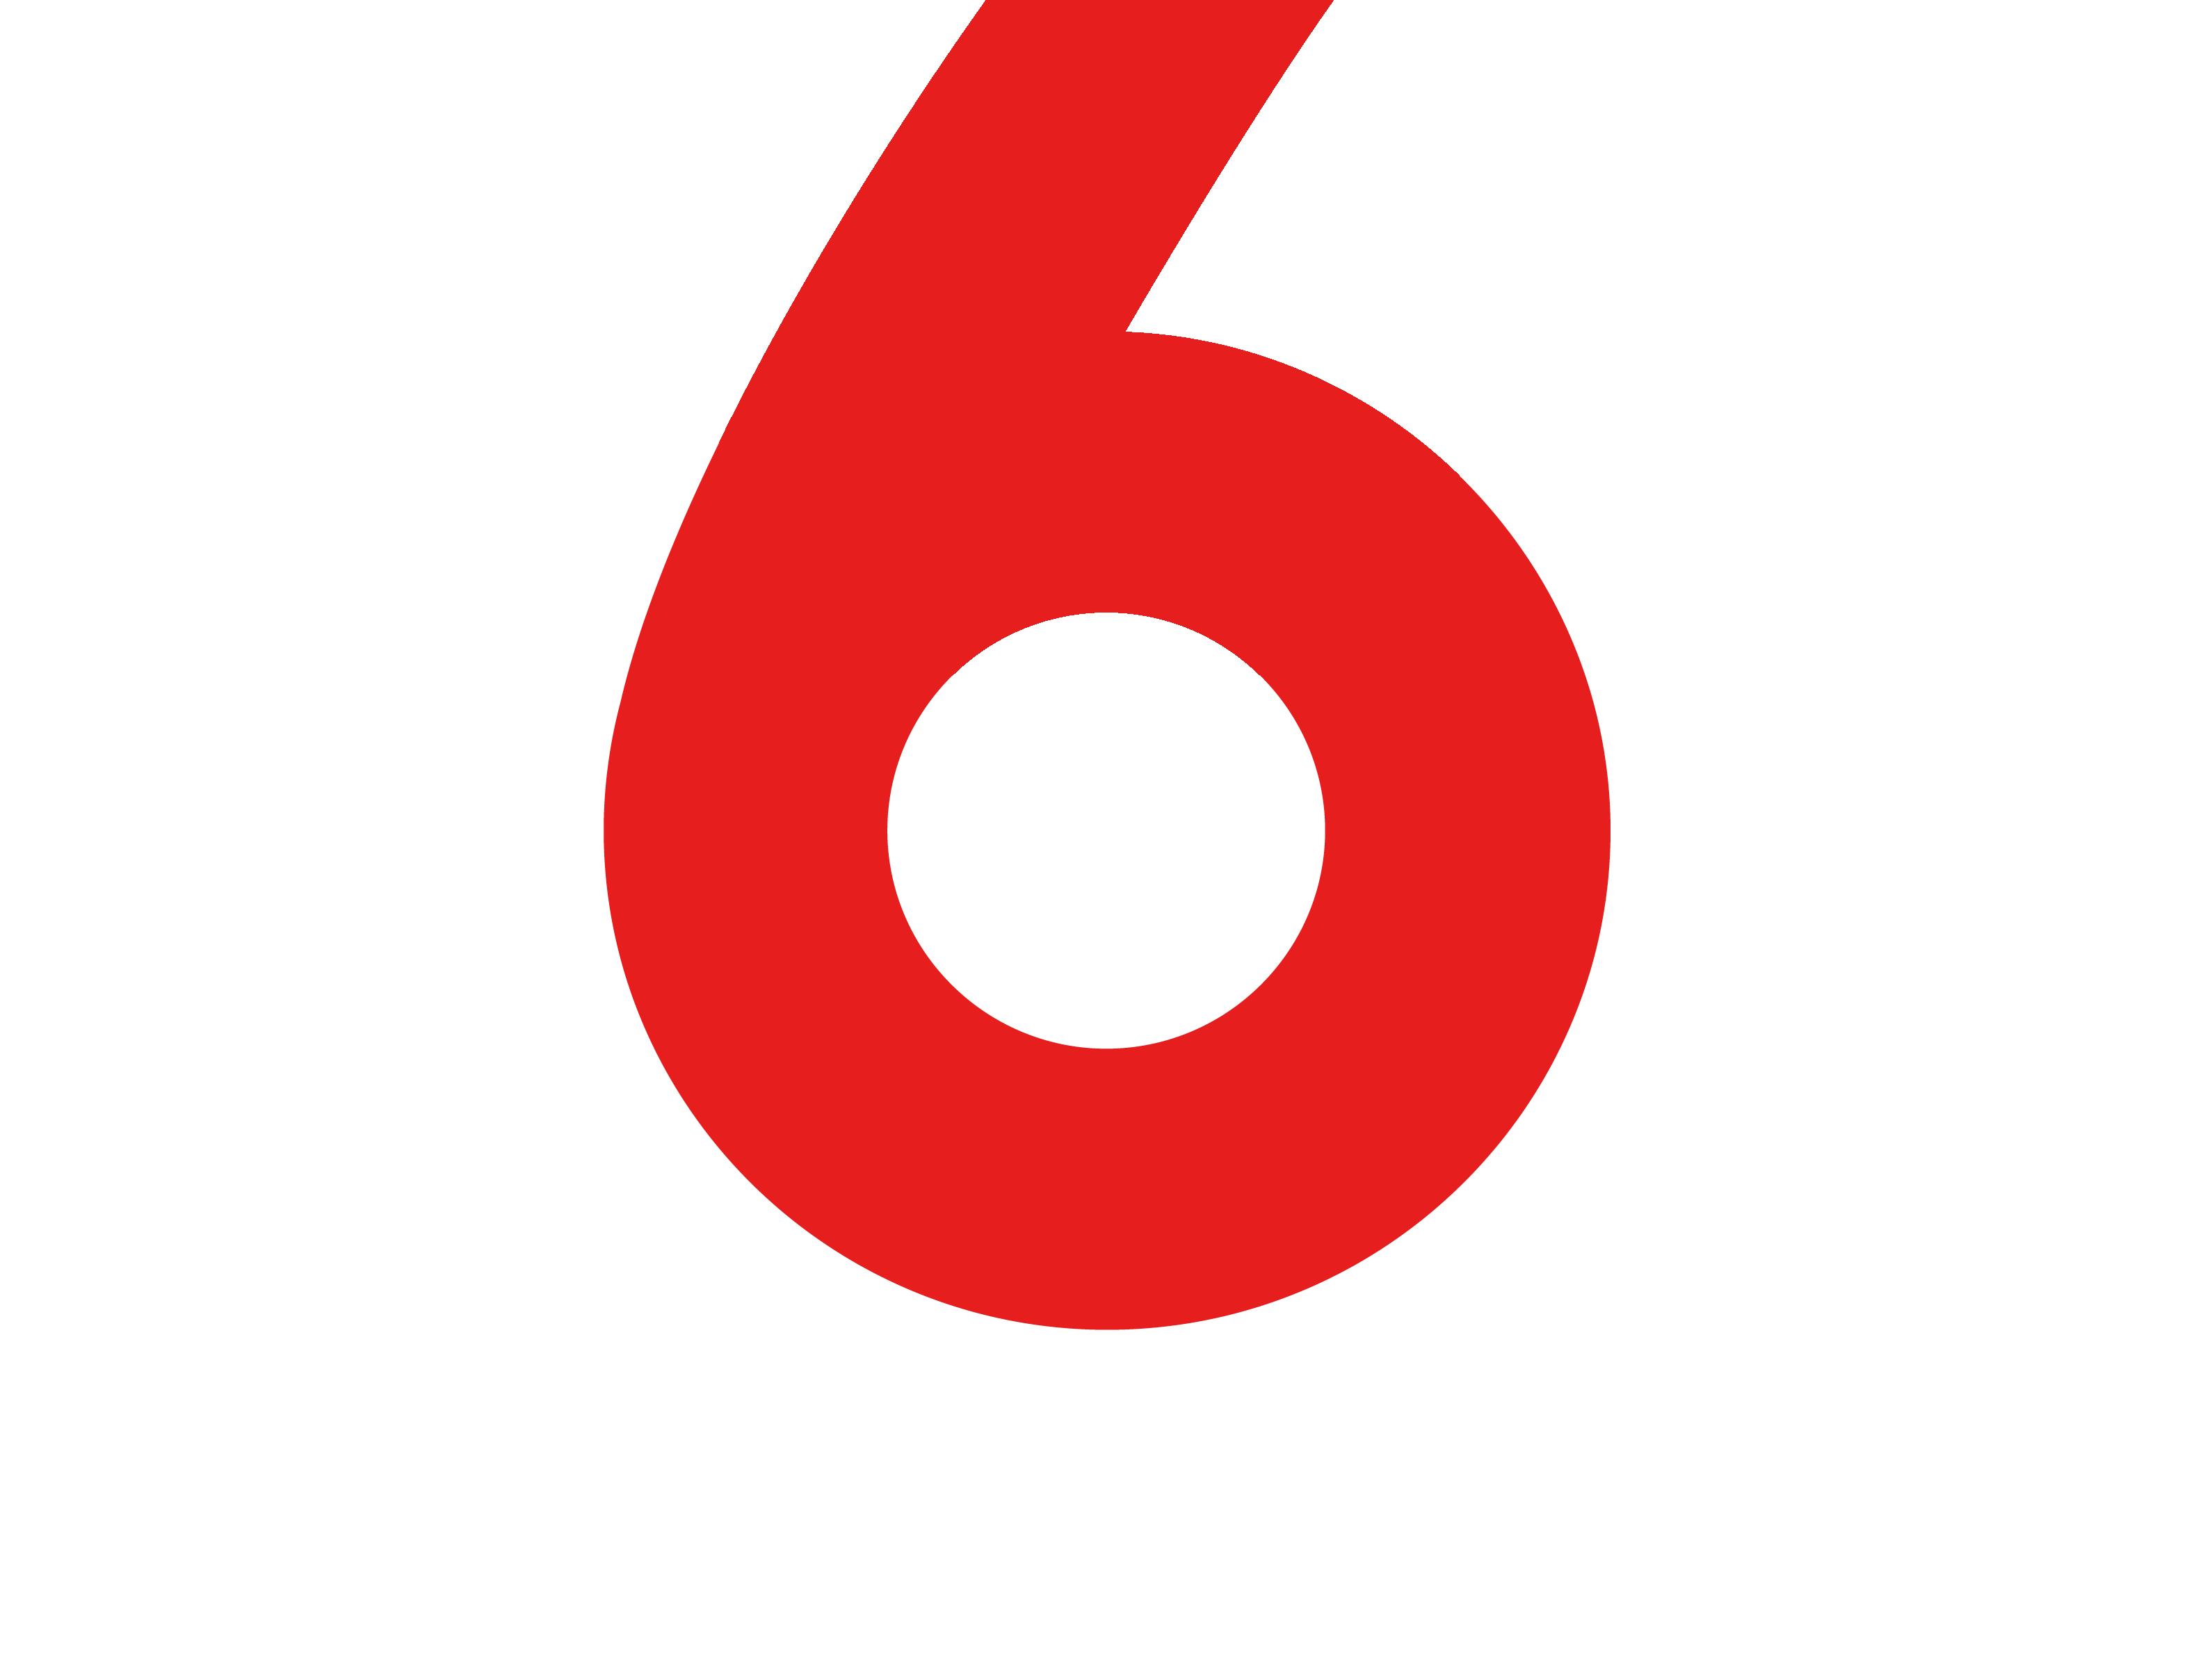 logo de la chaîne de télévision M6